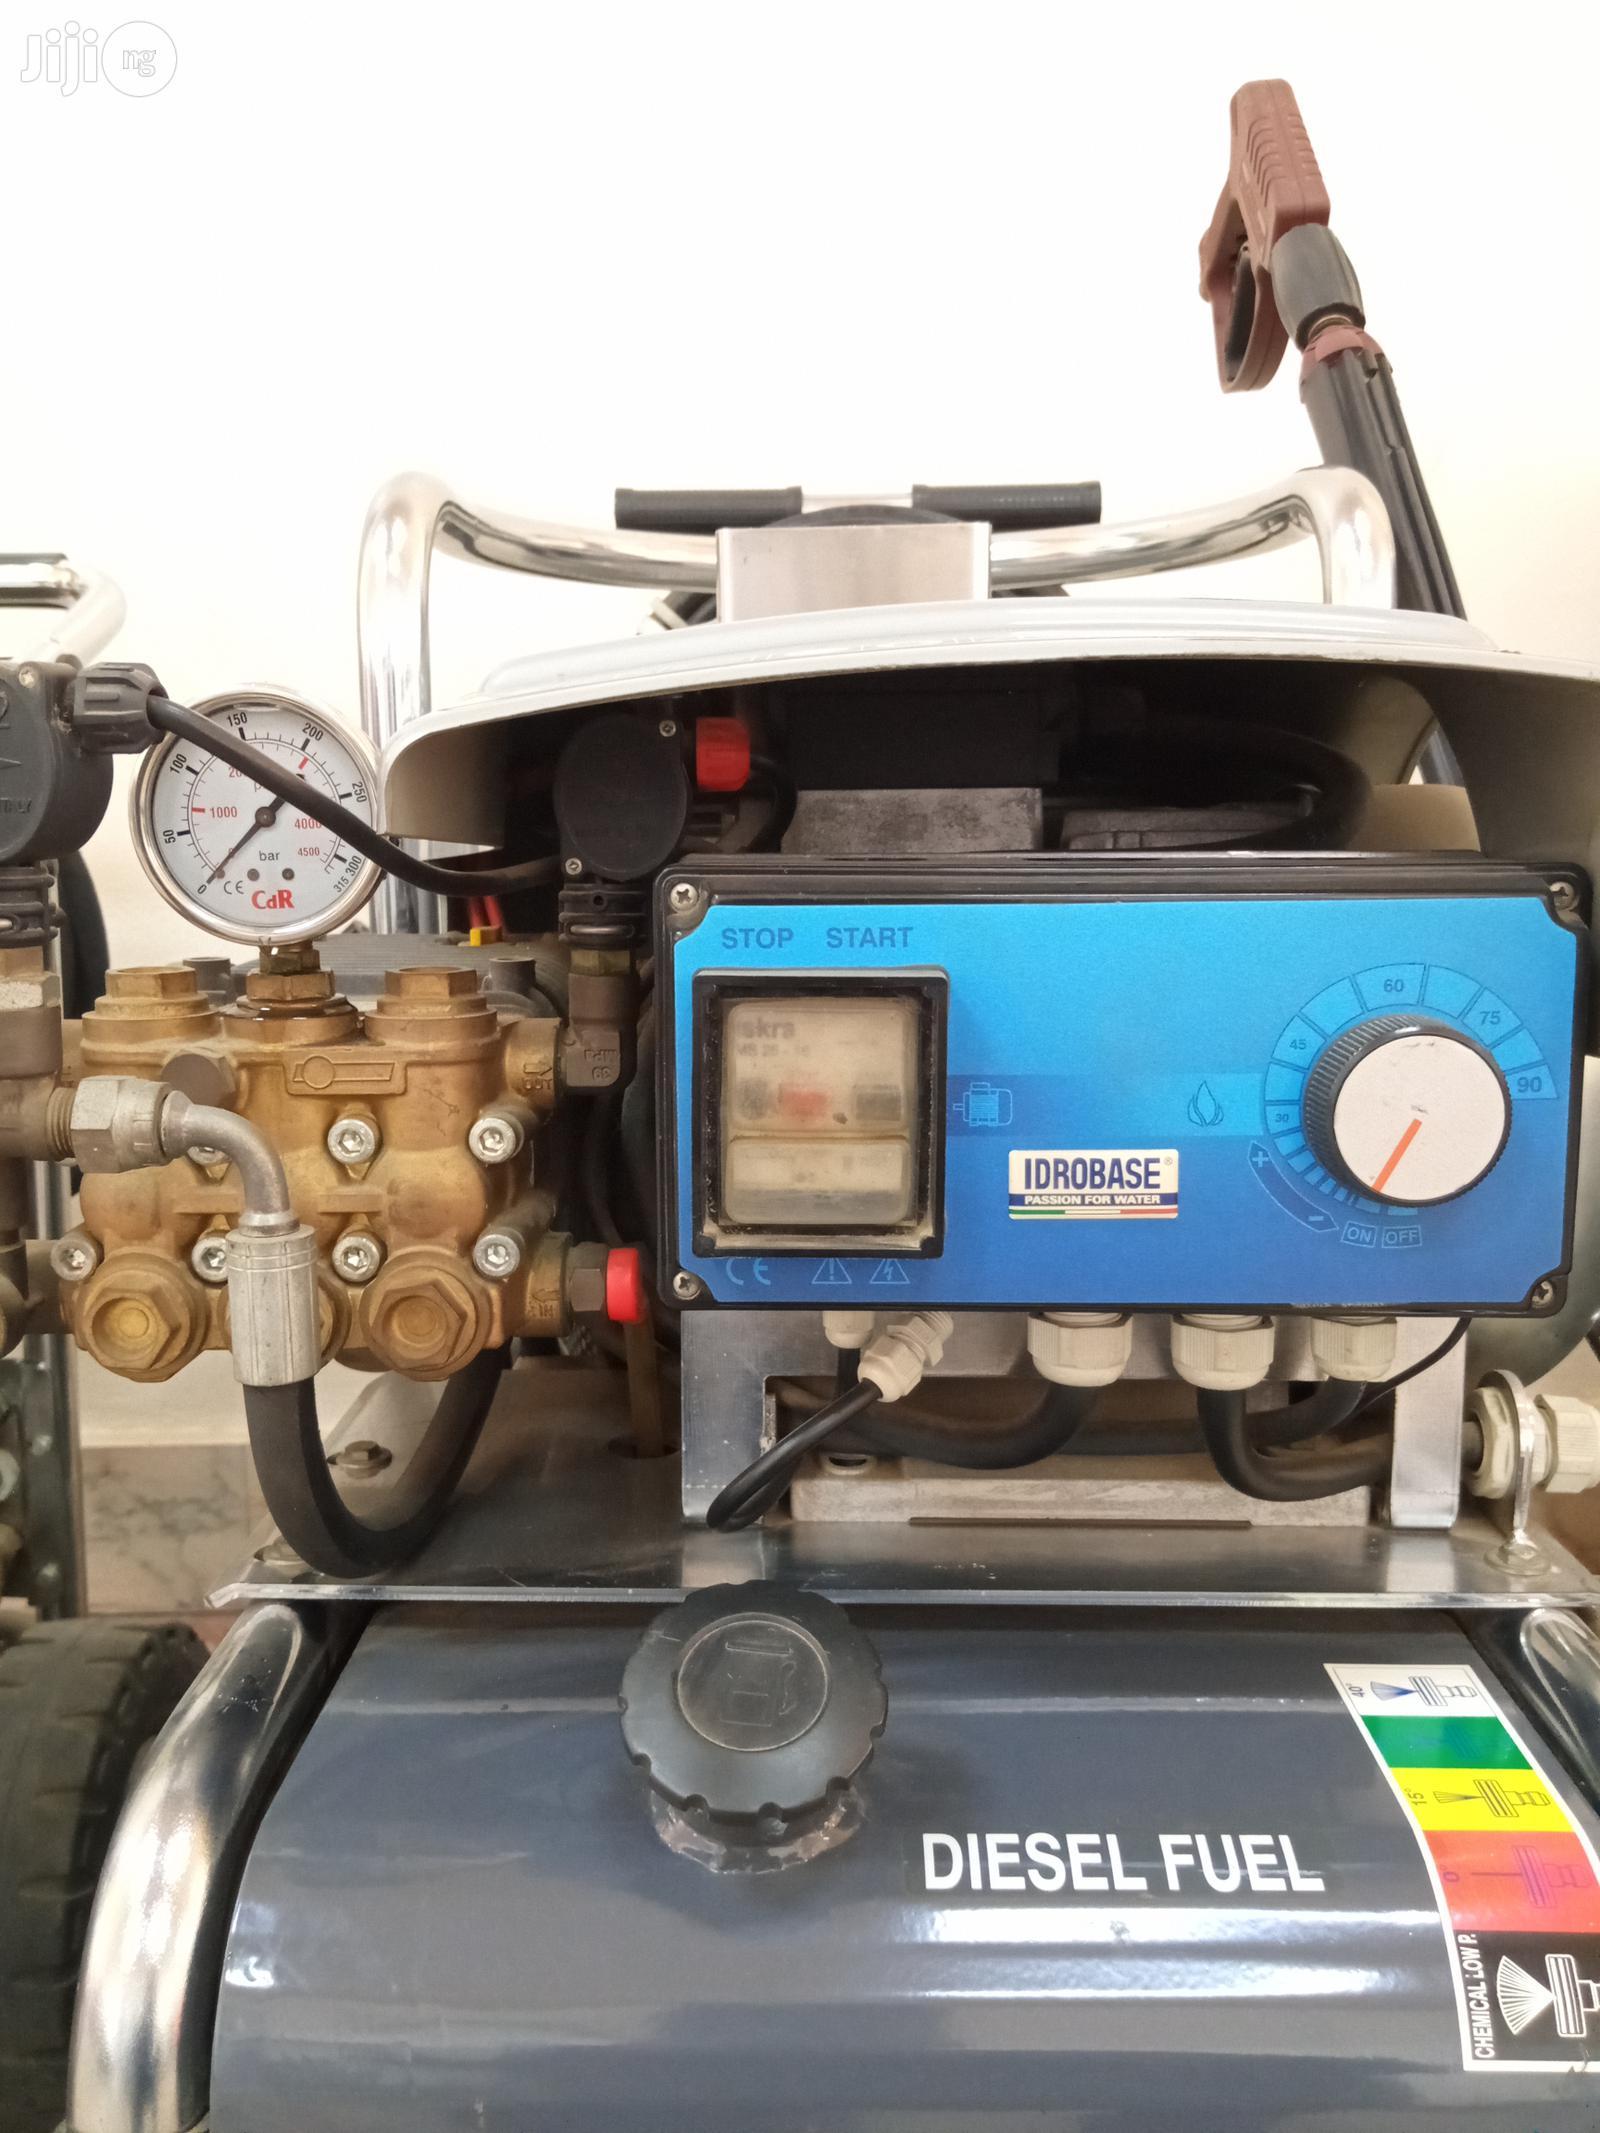 High Pressure Idrobase Washer Machine   Garden for sale in Obafemi-Owode, Ogun State, Nigeria